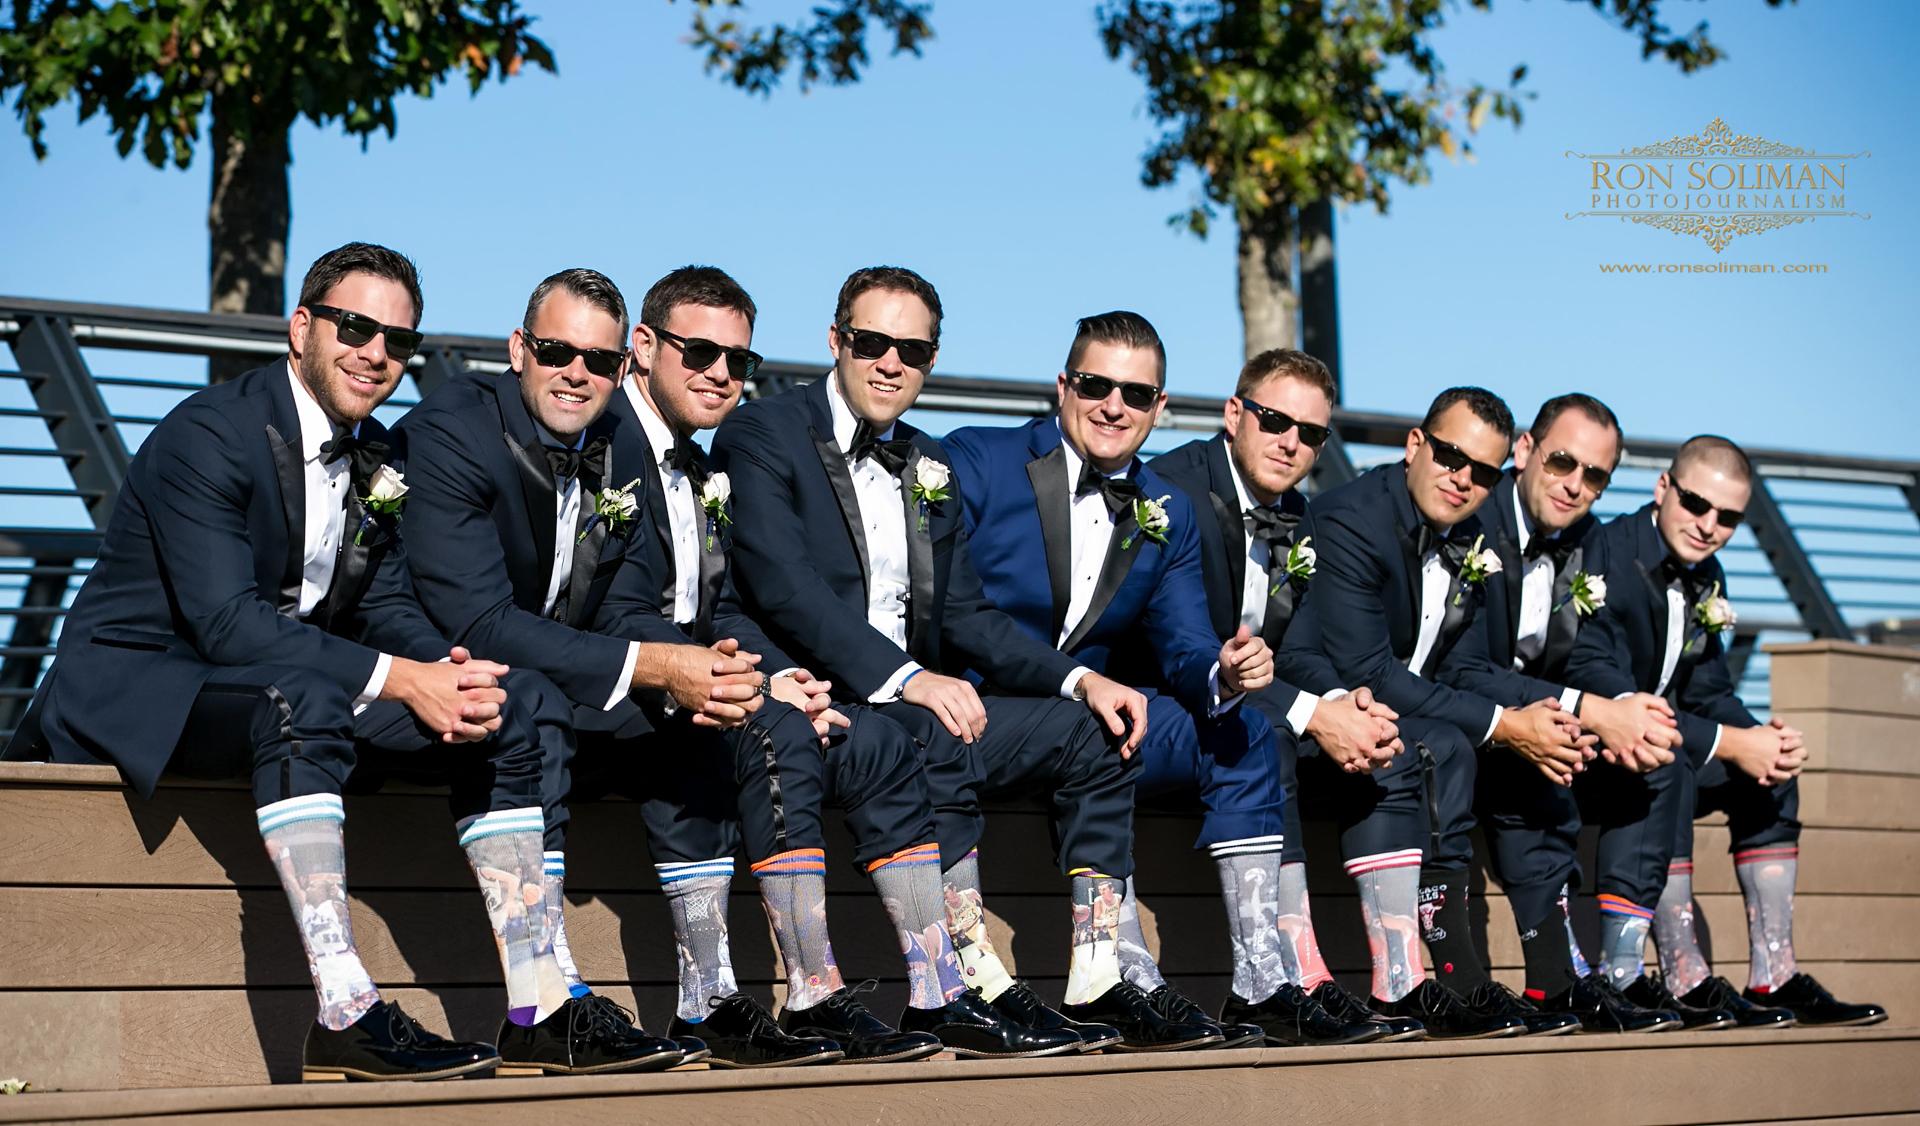 Groomsmen basketball socks